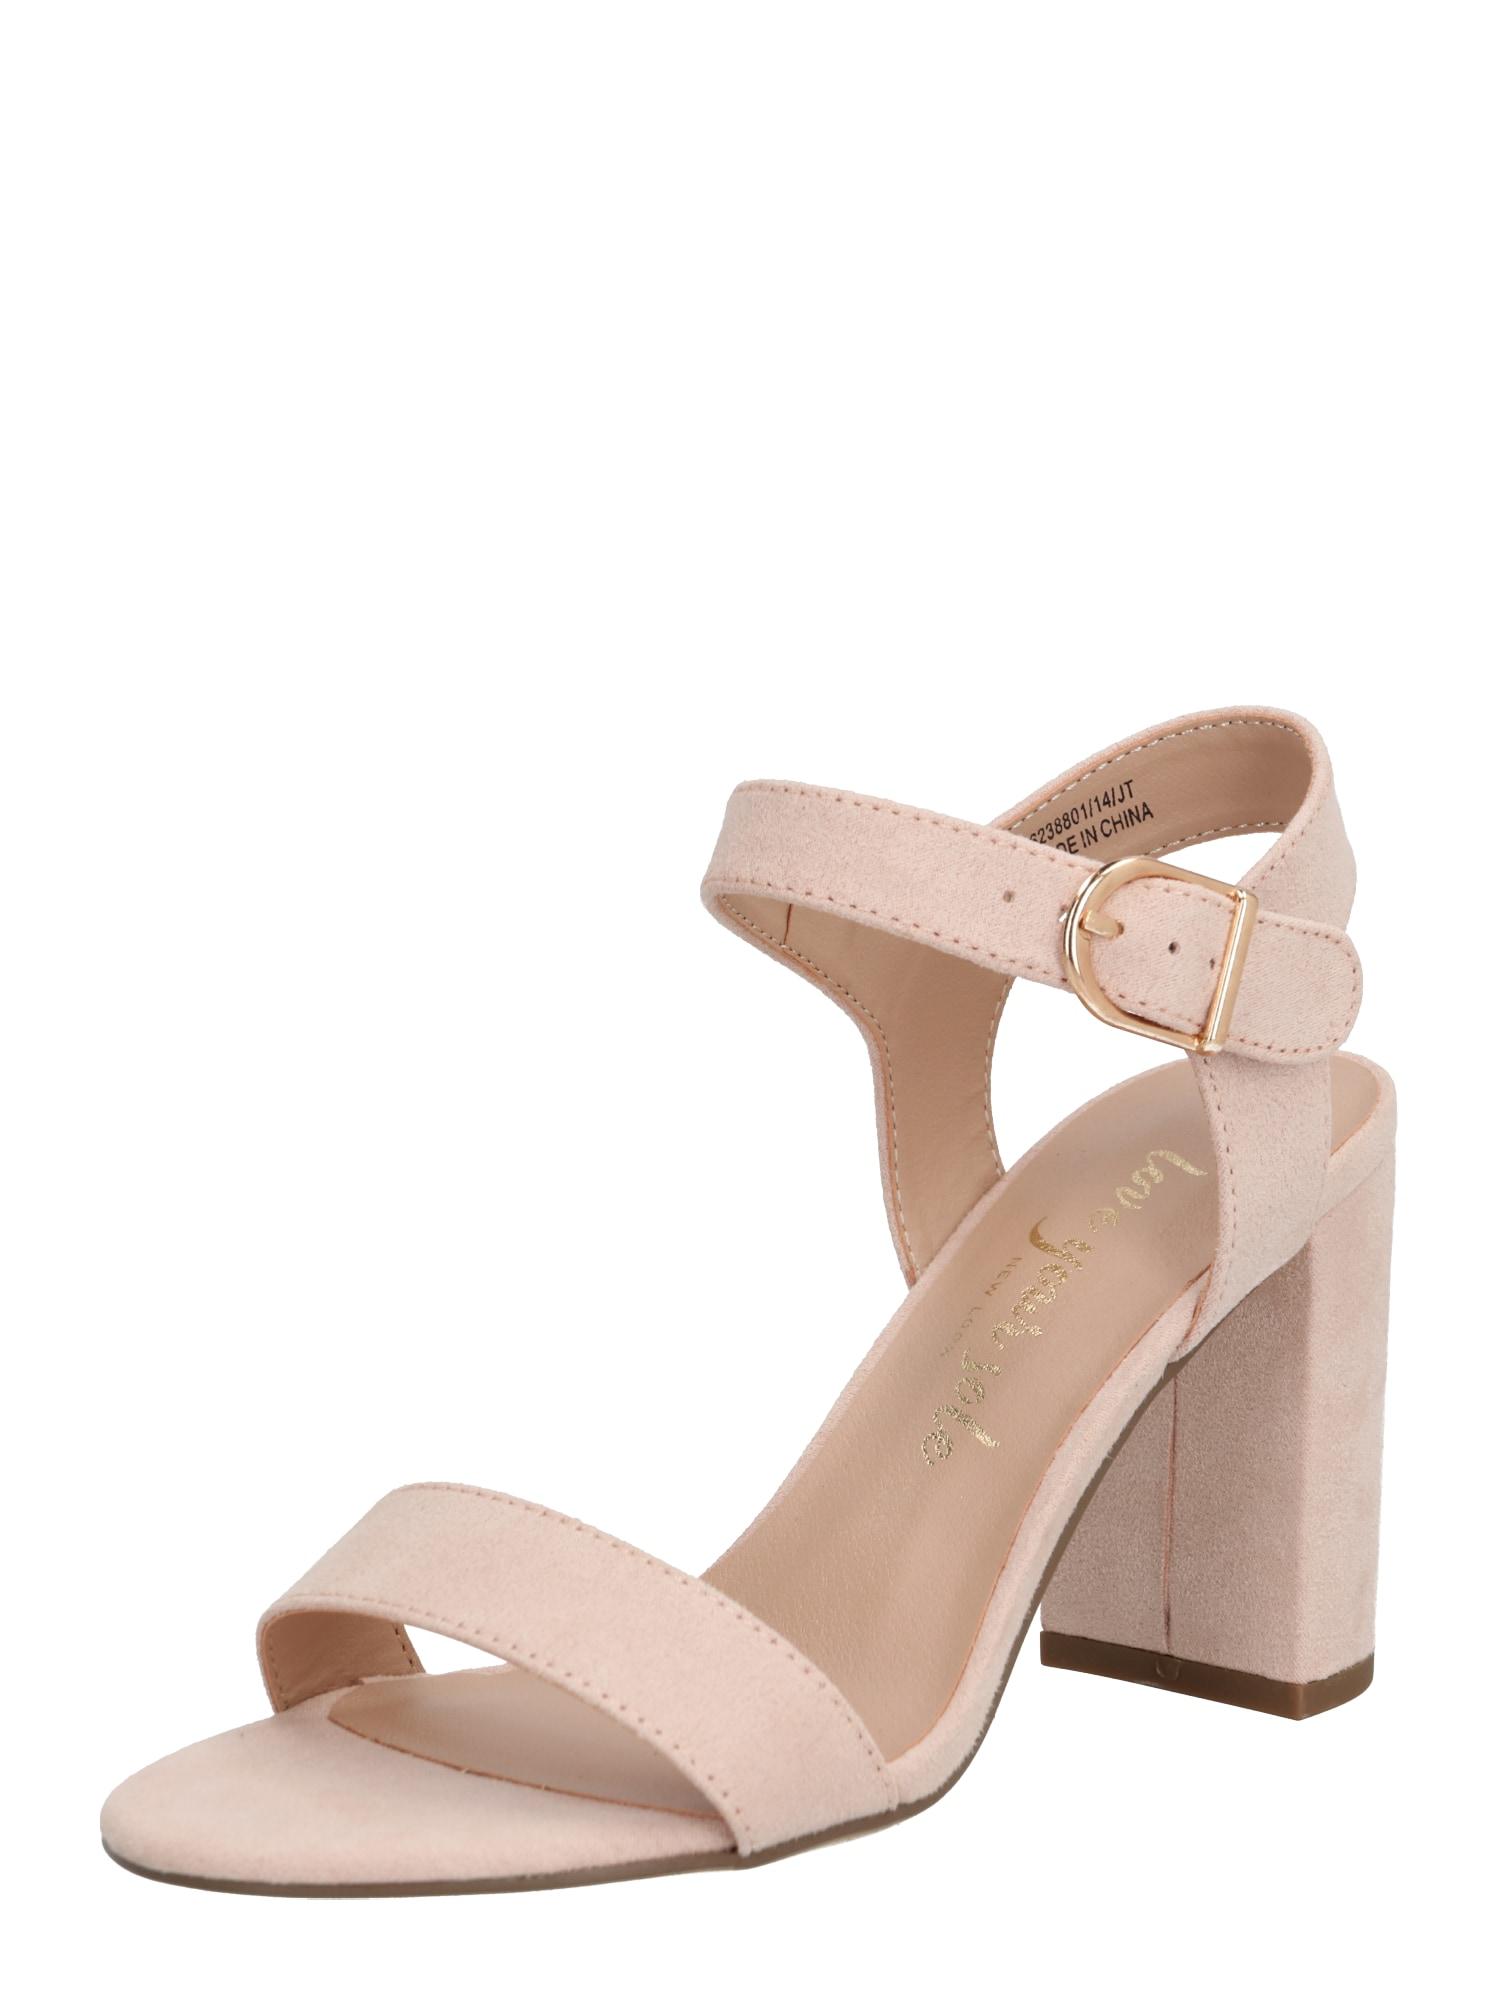 NEW LOOK Remienkové sandále 'VIMS 4 - SDT 2PT BLOCK'  béžová